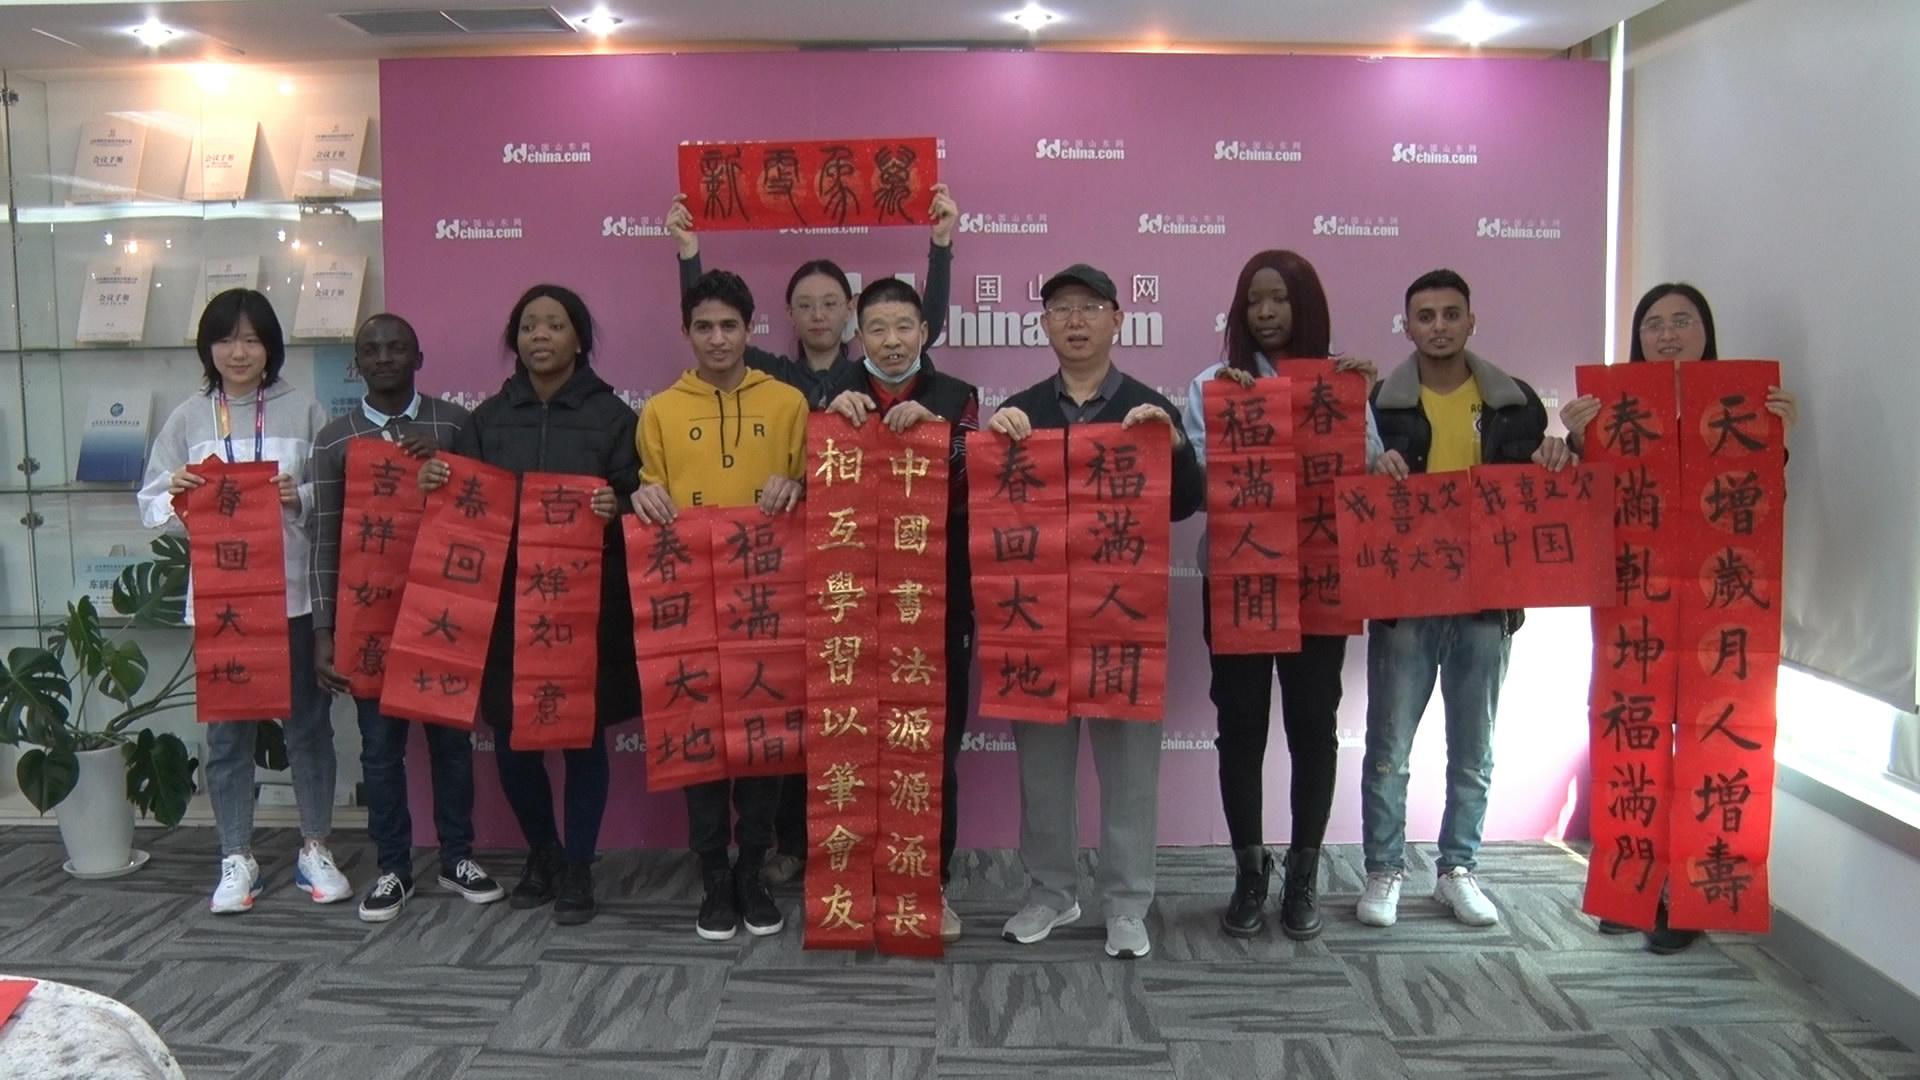 外国友人学习写春联 感受中国传统文化